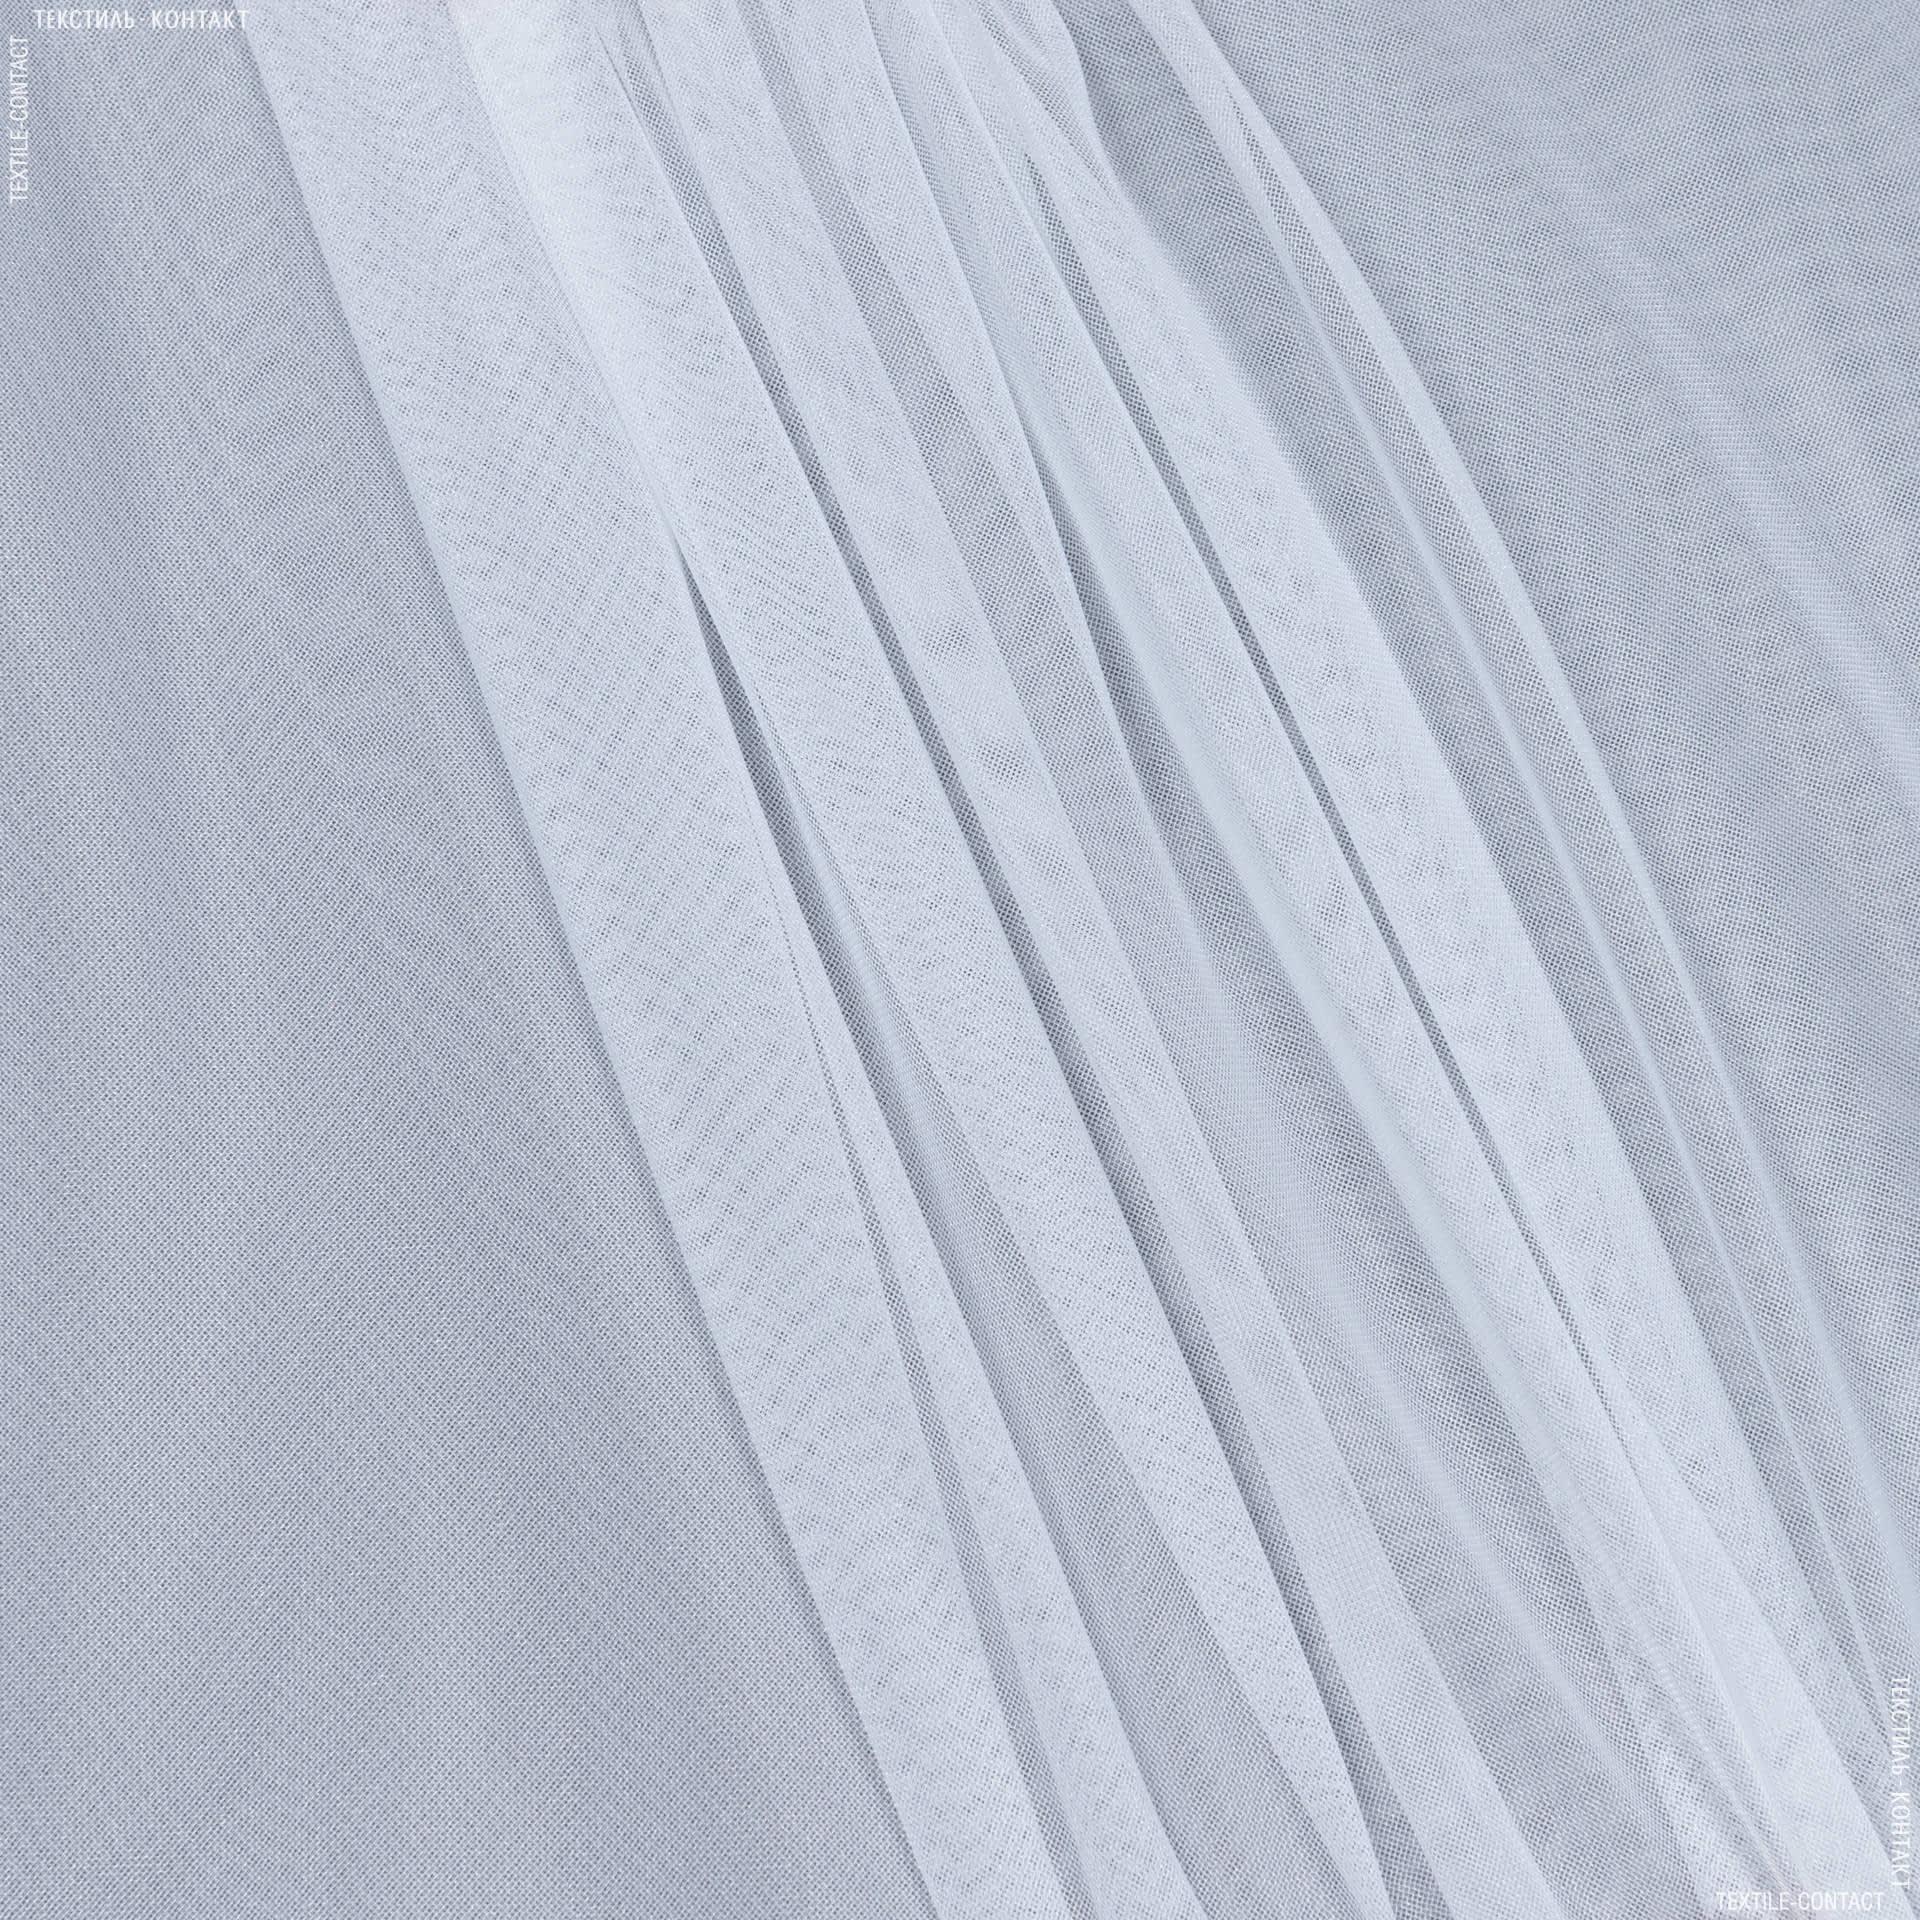 Тканини для суконь - Сітка блиск білий